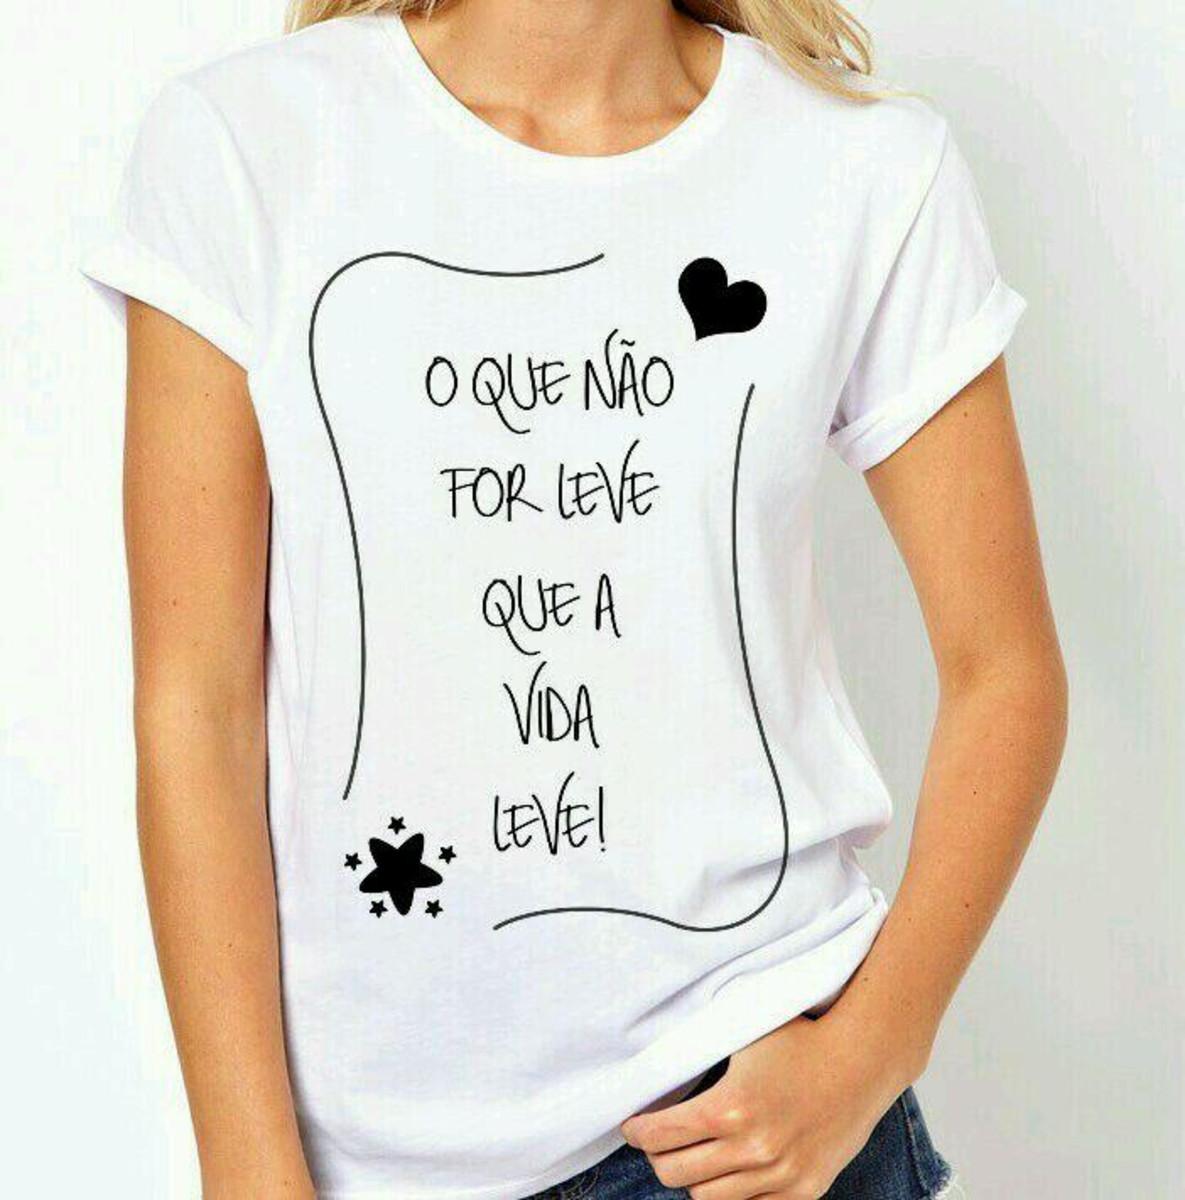 fbc7e2c5d Camiseta com frase no Elo7